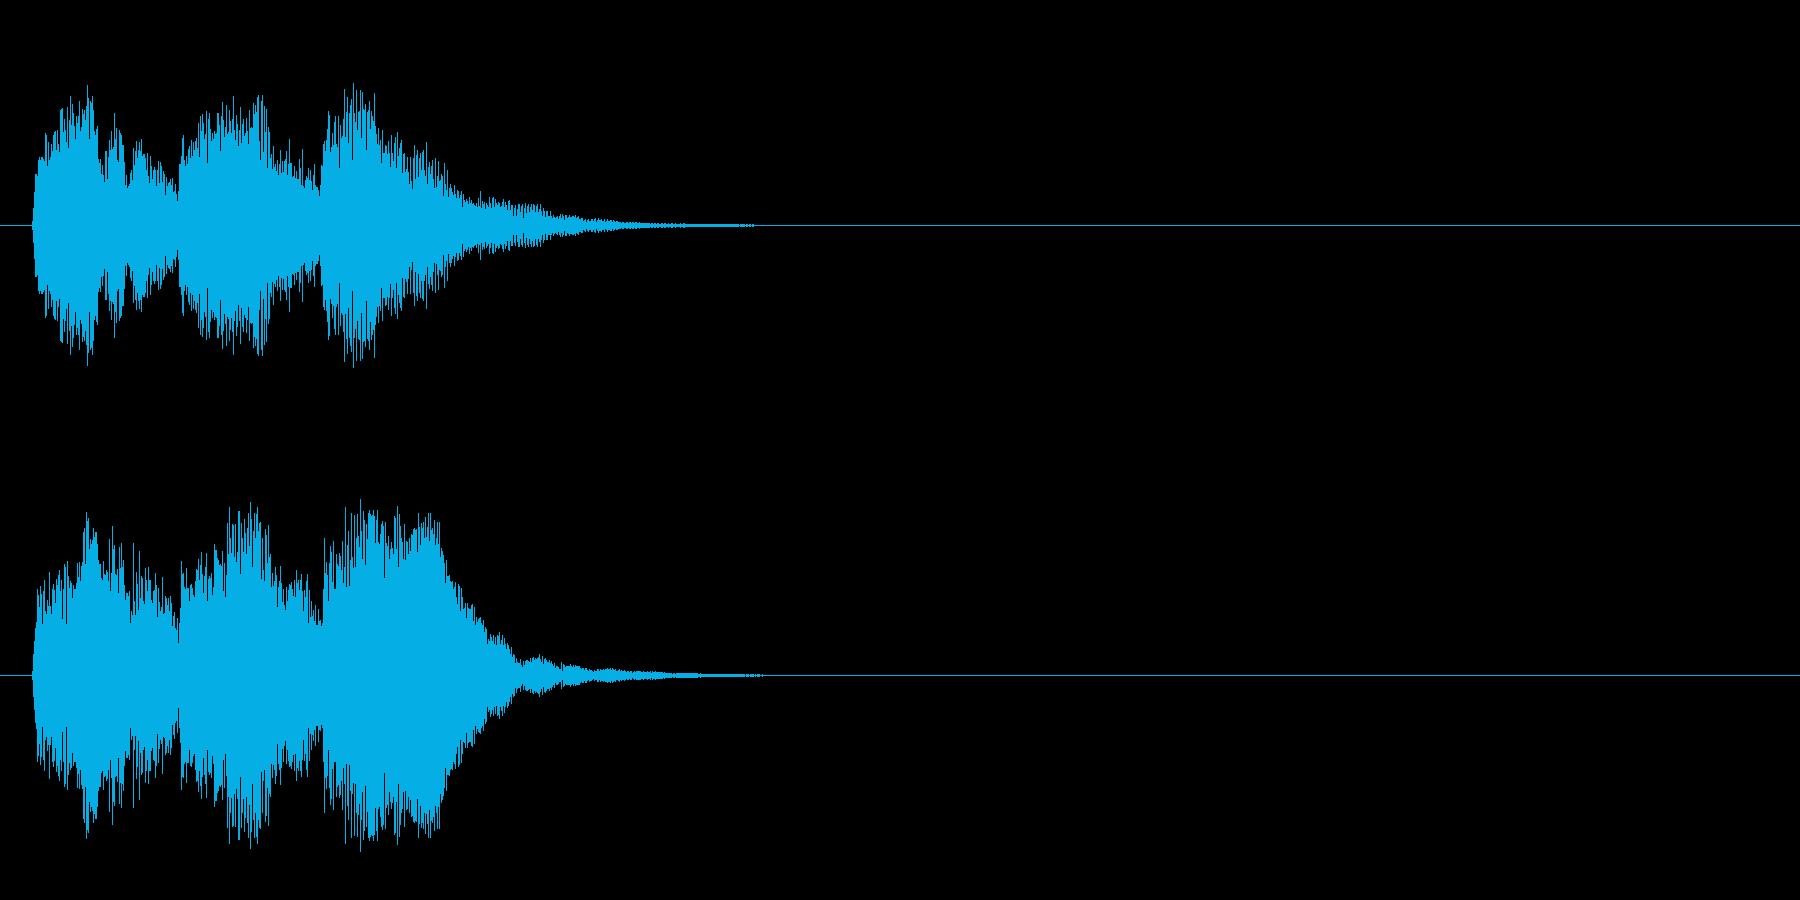 ジングル/アタック(ポップ)の再生済みの波形